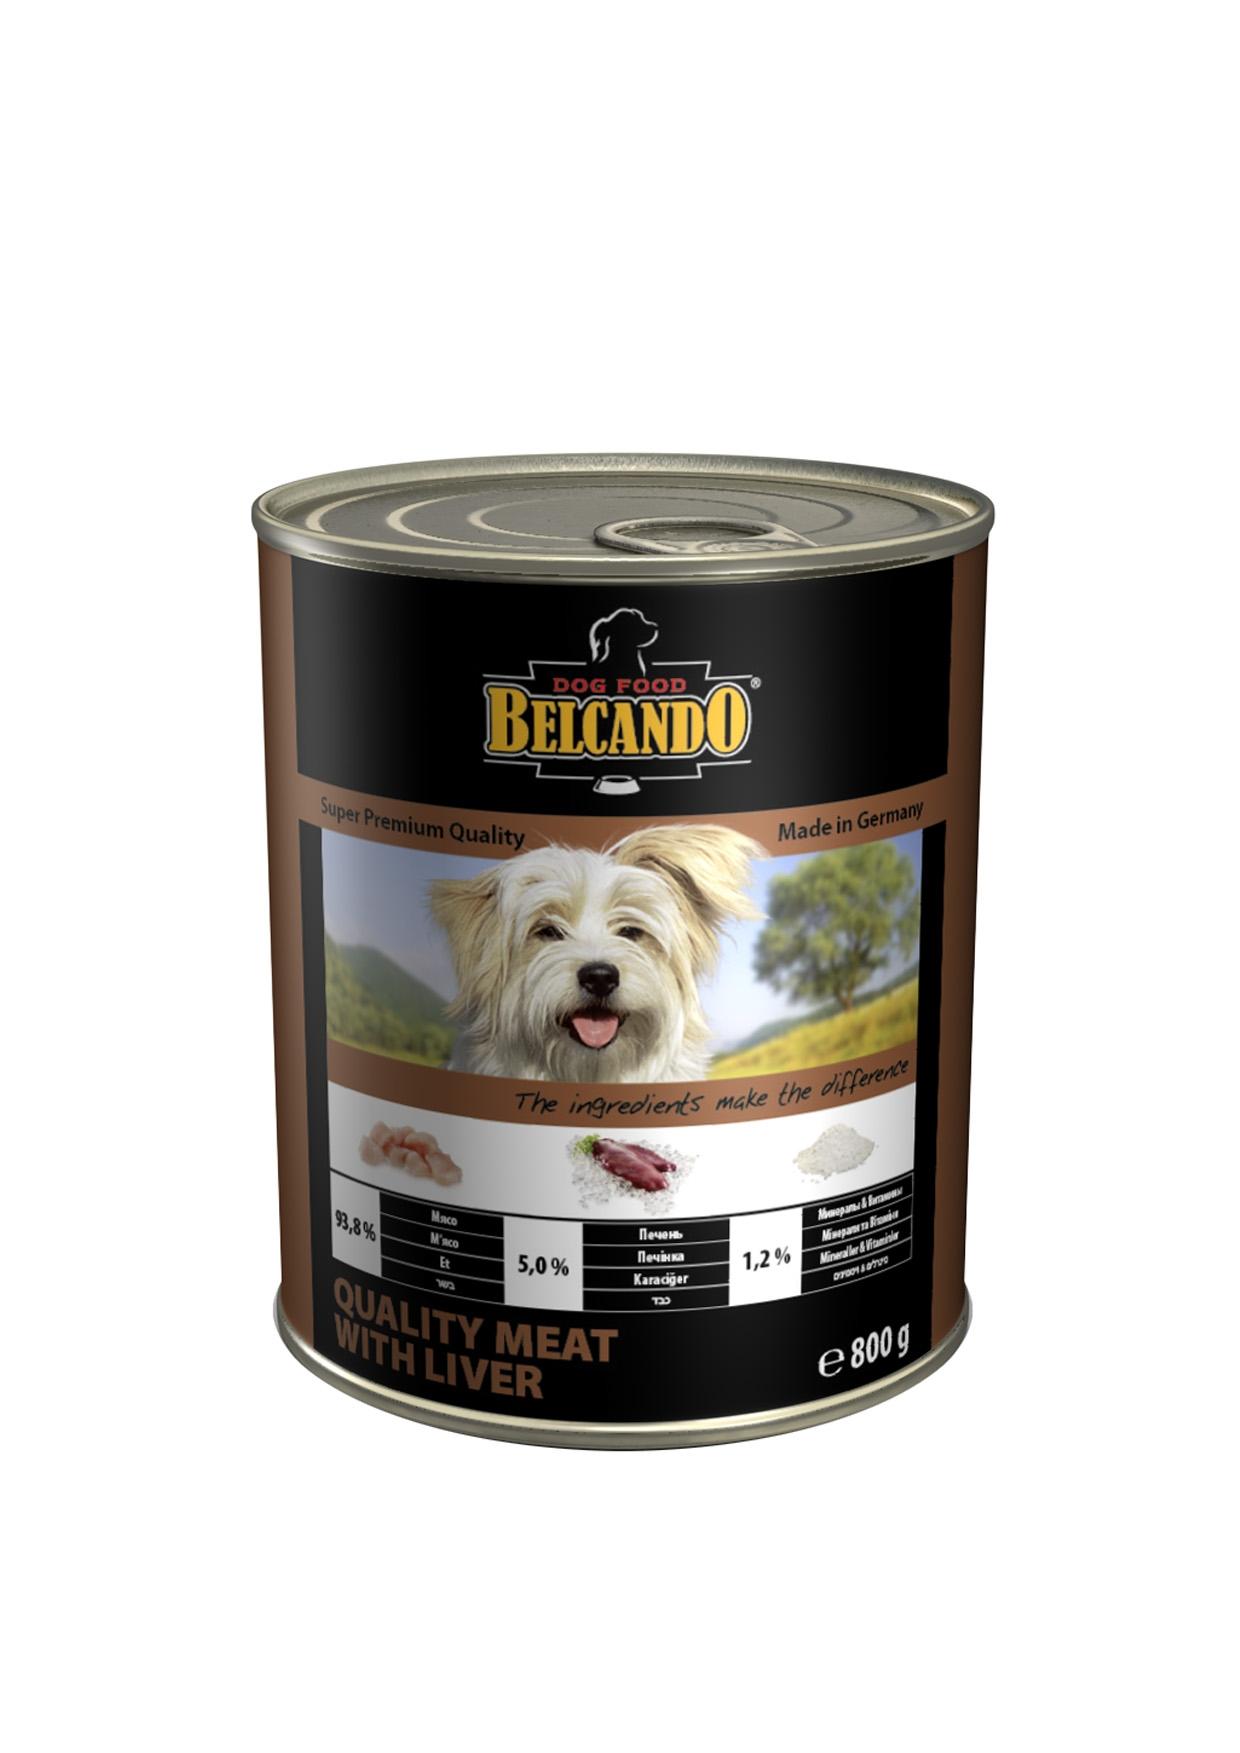 Консервы для собак Belcando, с мясом и печенью, 800 г13155Консервы Belcando - это полнорационное влажное питание для собак. Подходят для собак всех возрастов. Комбинируется с любым типом корма, в том числе с натуральной пищей. Состав: мясо 93,8%, печень 5%, витамины и минералы 1,2%. Анализ состава: протеин 14 %, жир 5,5 %, клетчатка 0,2 %, зола 2 %, влажность 79 %, витамин А 2,500 МЕ/кг, витамин Е 40 мг/кг, витамин D3 250 МЕ/кг, кальций 0,4 %, фосфор 0,16 %. Вес: 800 г. Товар сертифицирован.